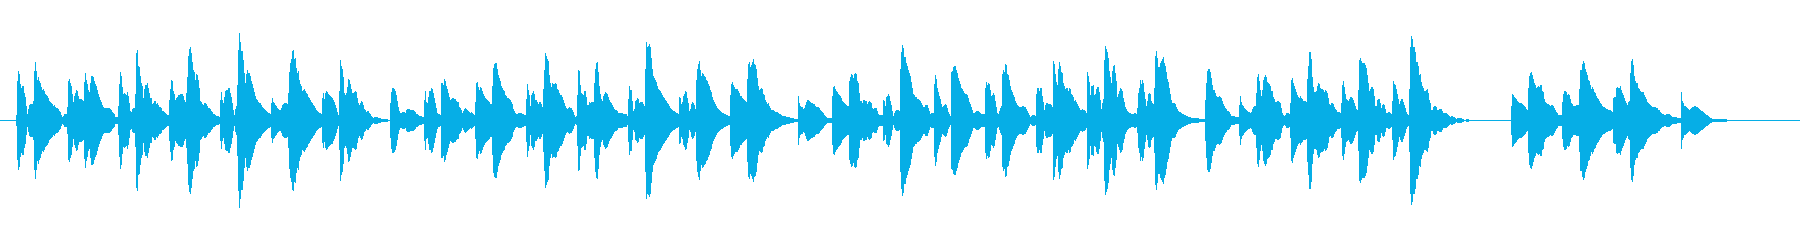 ◆卒業BGM。木琴で仰げば尊しカバー!の再生済みの波形